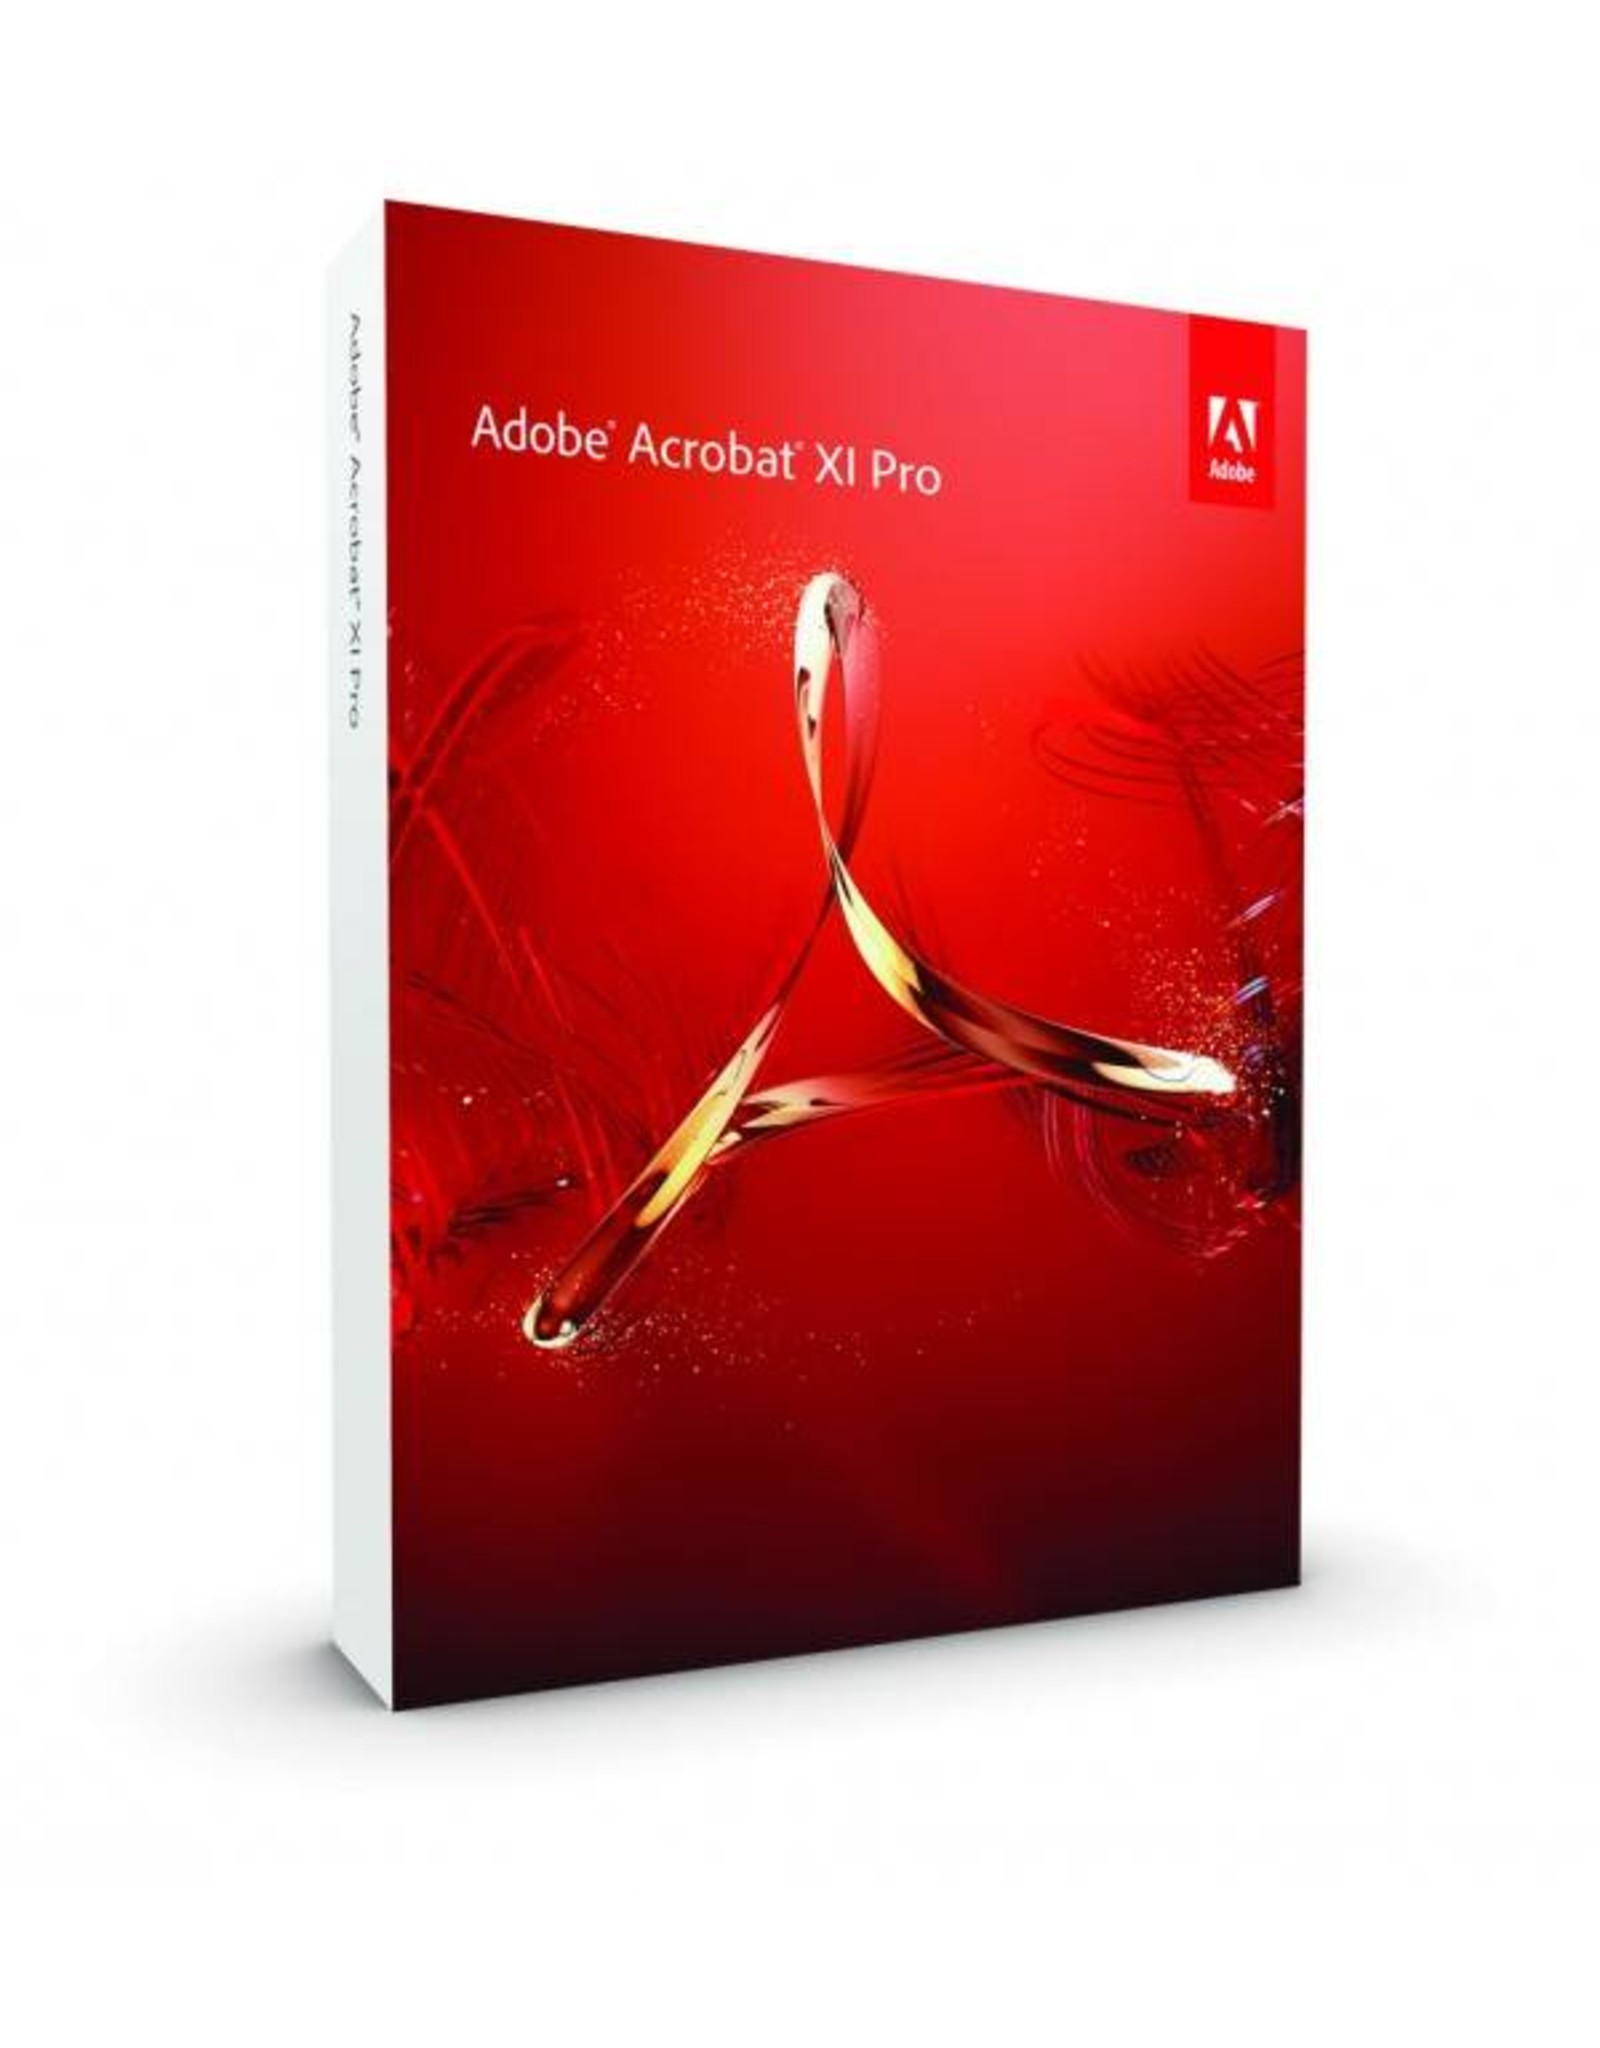 Adobe Adobe Acrobat XI Pro for Windows